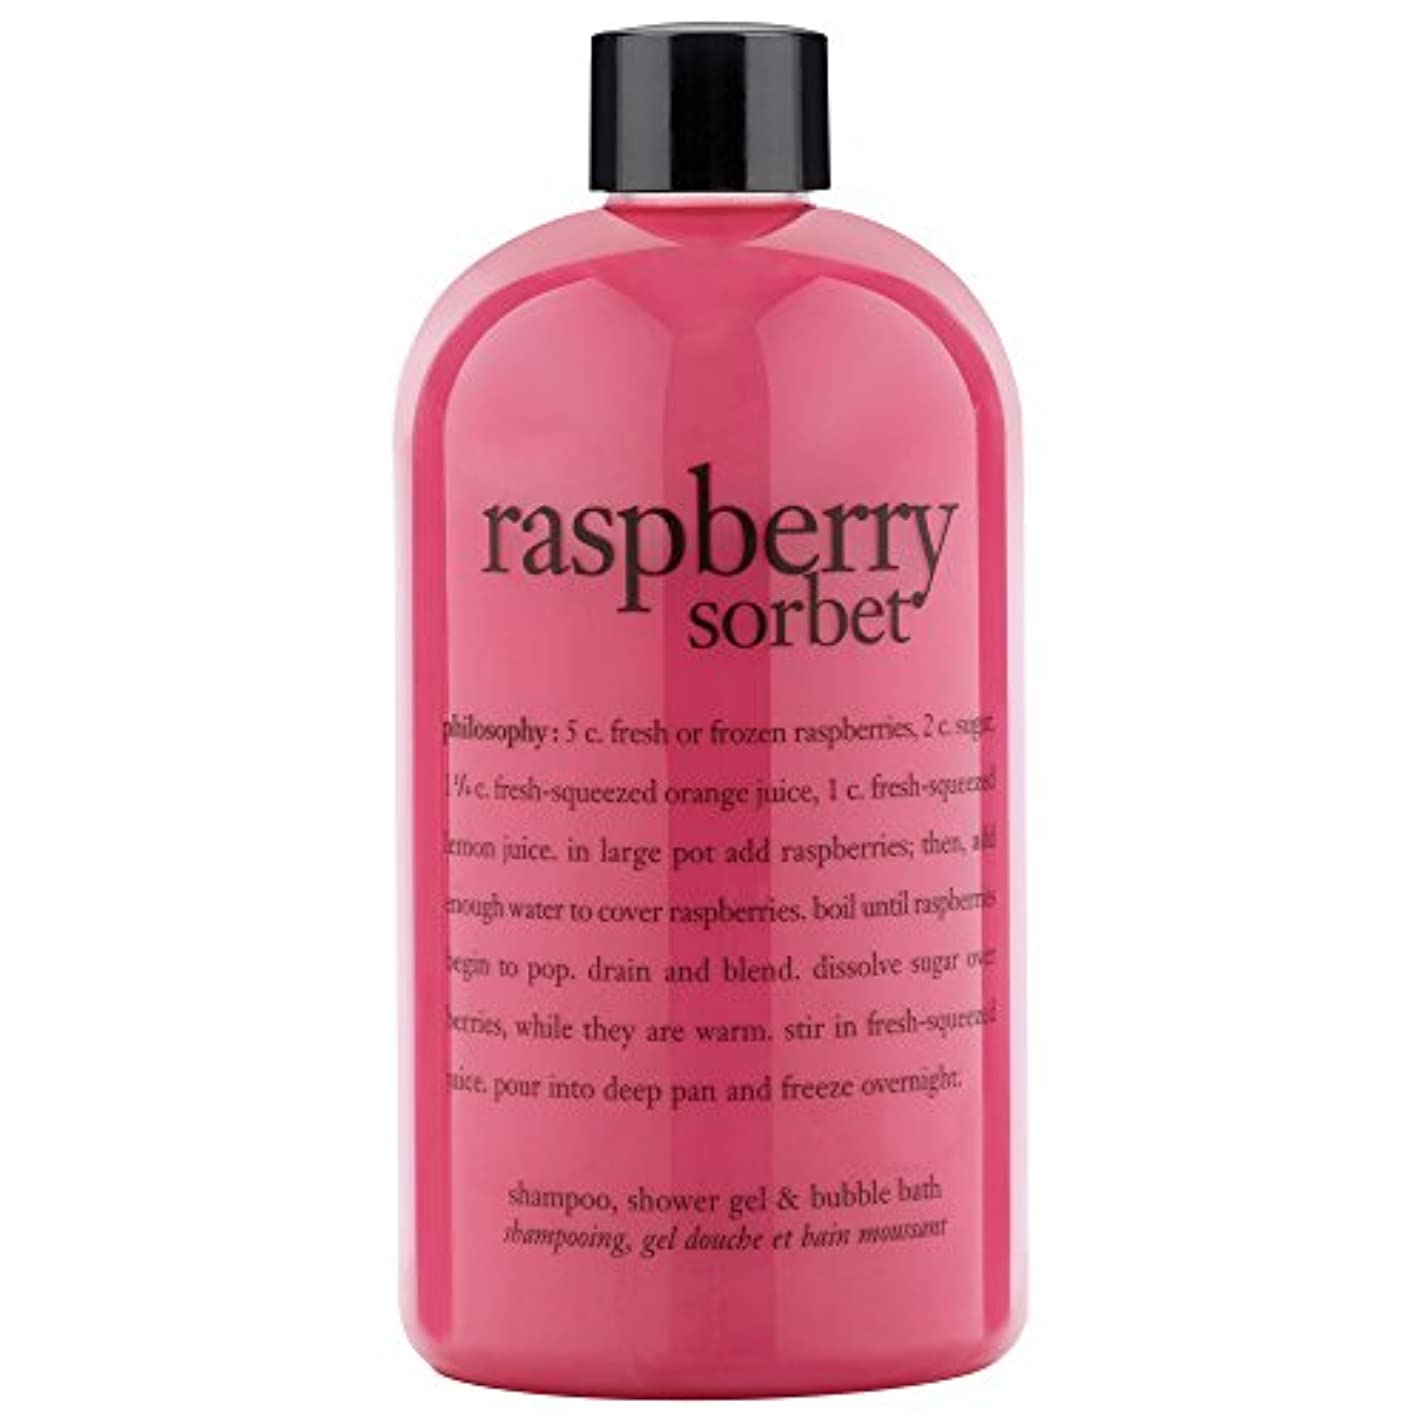 酸厚さトライアスロン哲学ラズベリーシャワージェル480ミリリットル (Philosophy) - Philosophy Raspberry Shower Gel 480ml [並行輸入品]